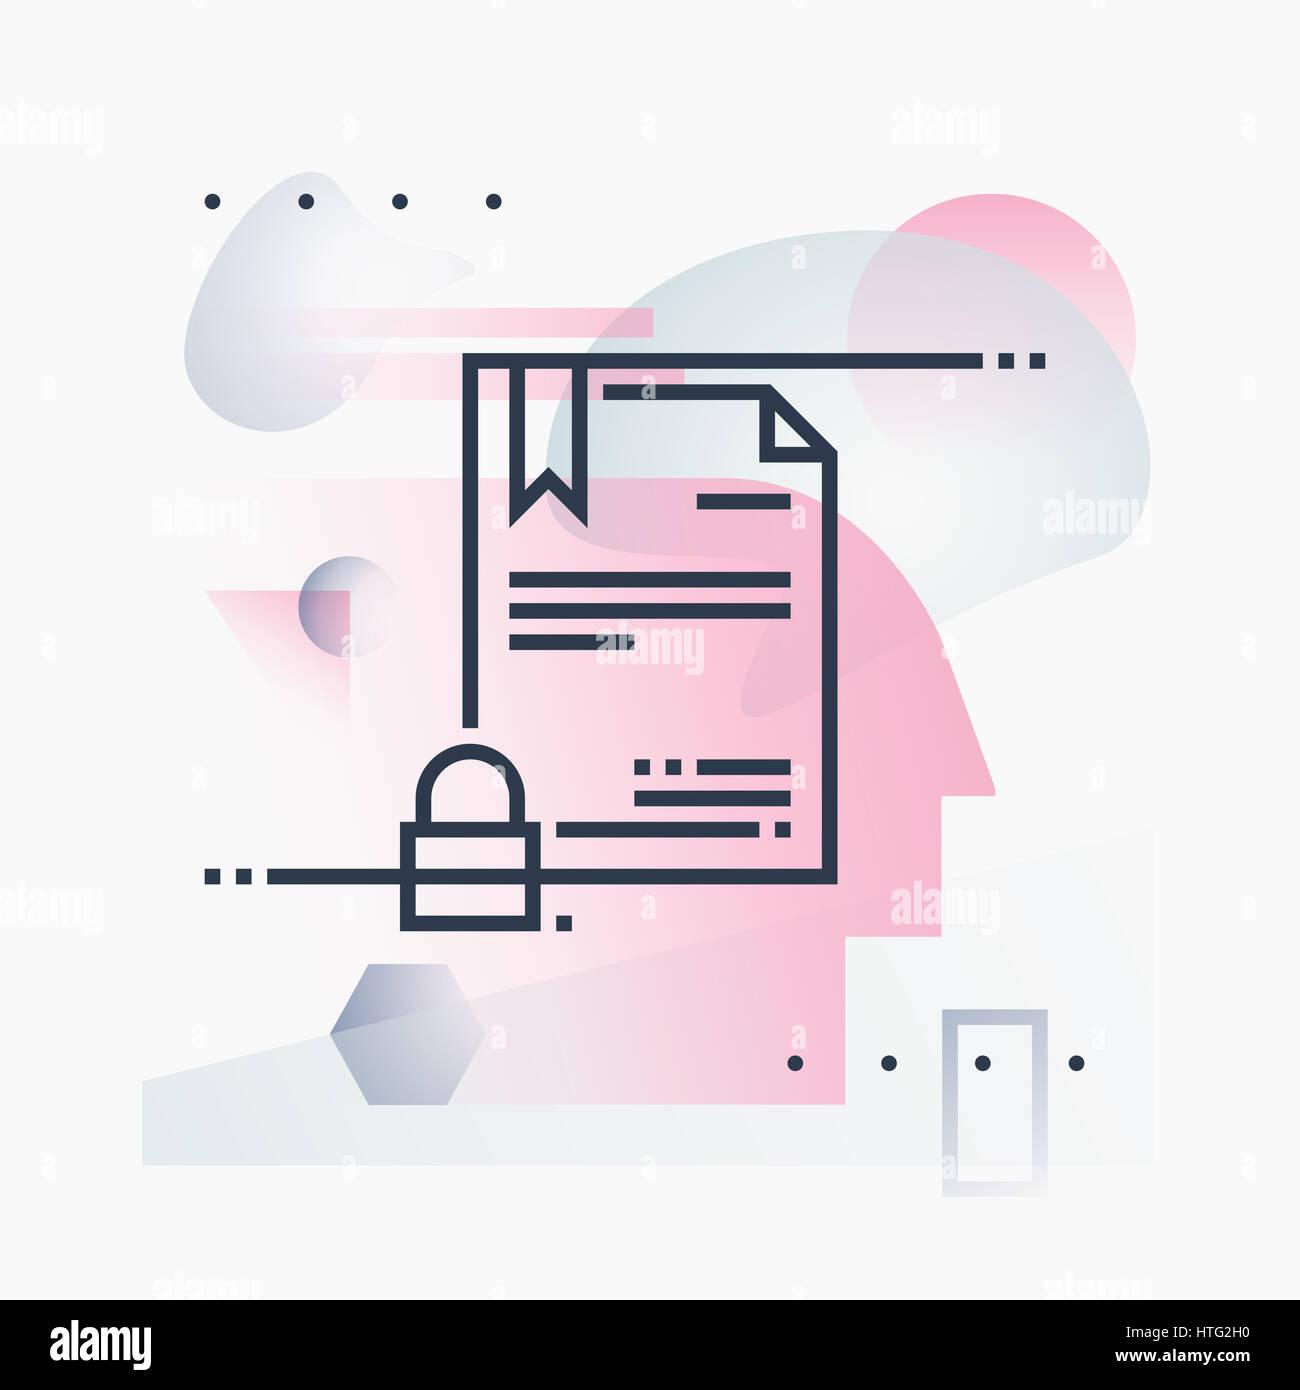 Digitales Zertifikatsicherheit, Online-Zeitungen-Technologie. Abstrakte Darstellung Konzept. Stockbild